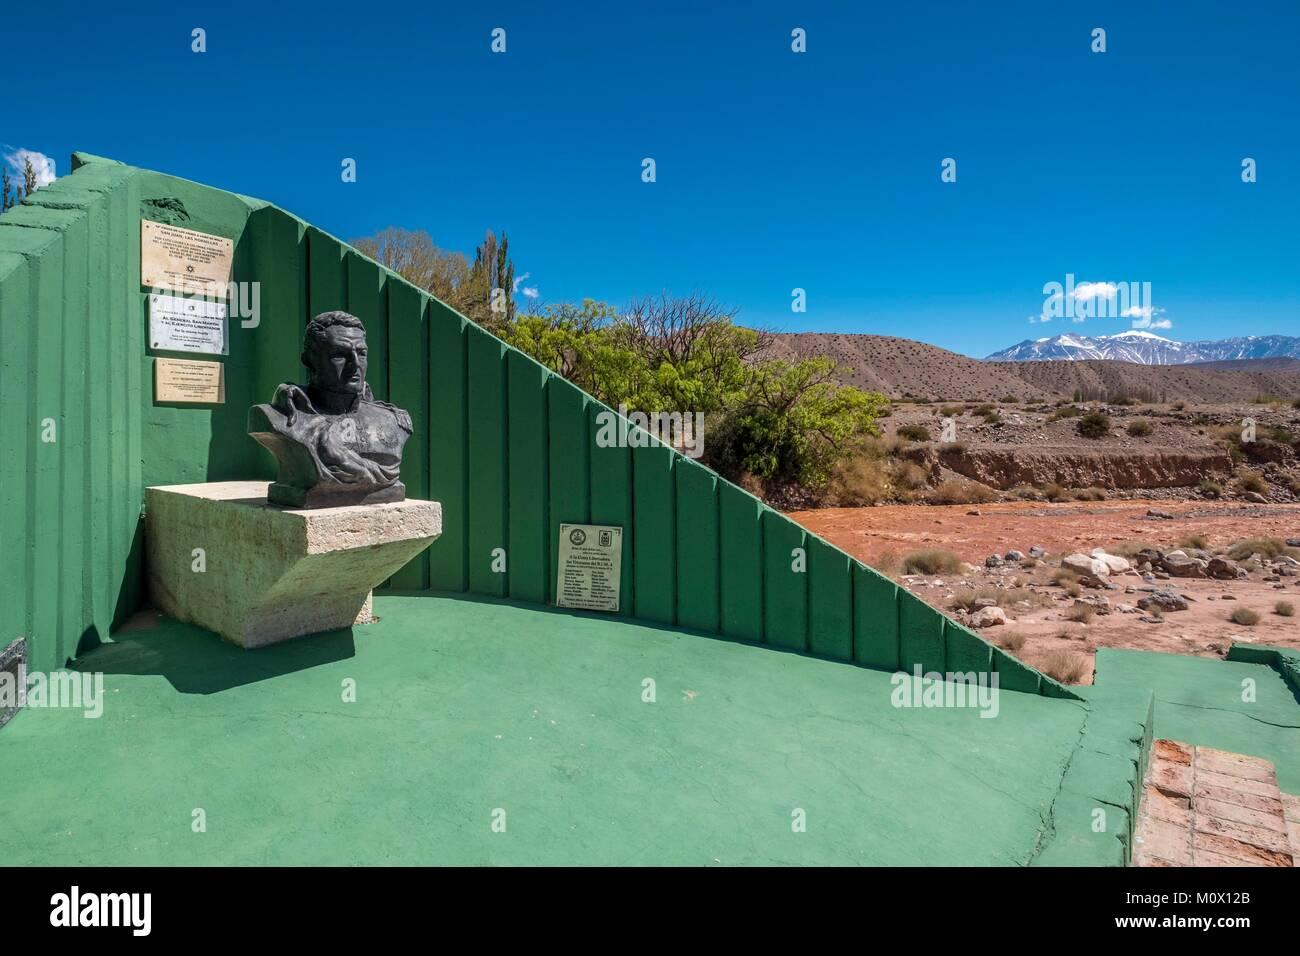 Argentina,San Juan Province,Barreal,Rio de Los Patos valley,General San Martin statue - Stock Image